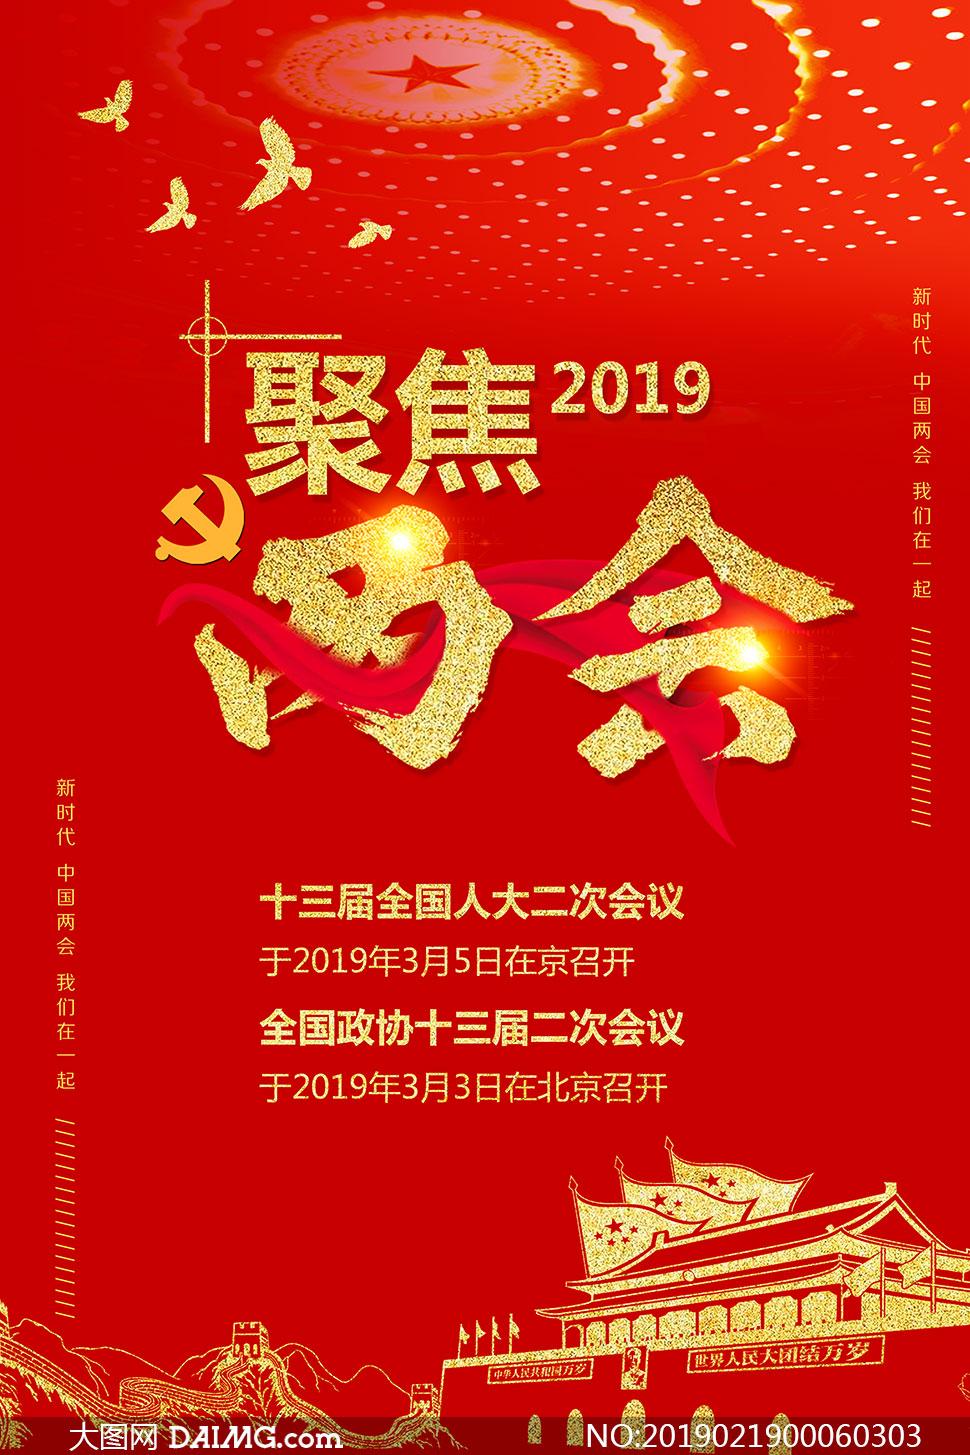 2019聚焦两会宣传海报设计psd素材